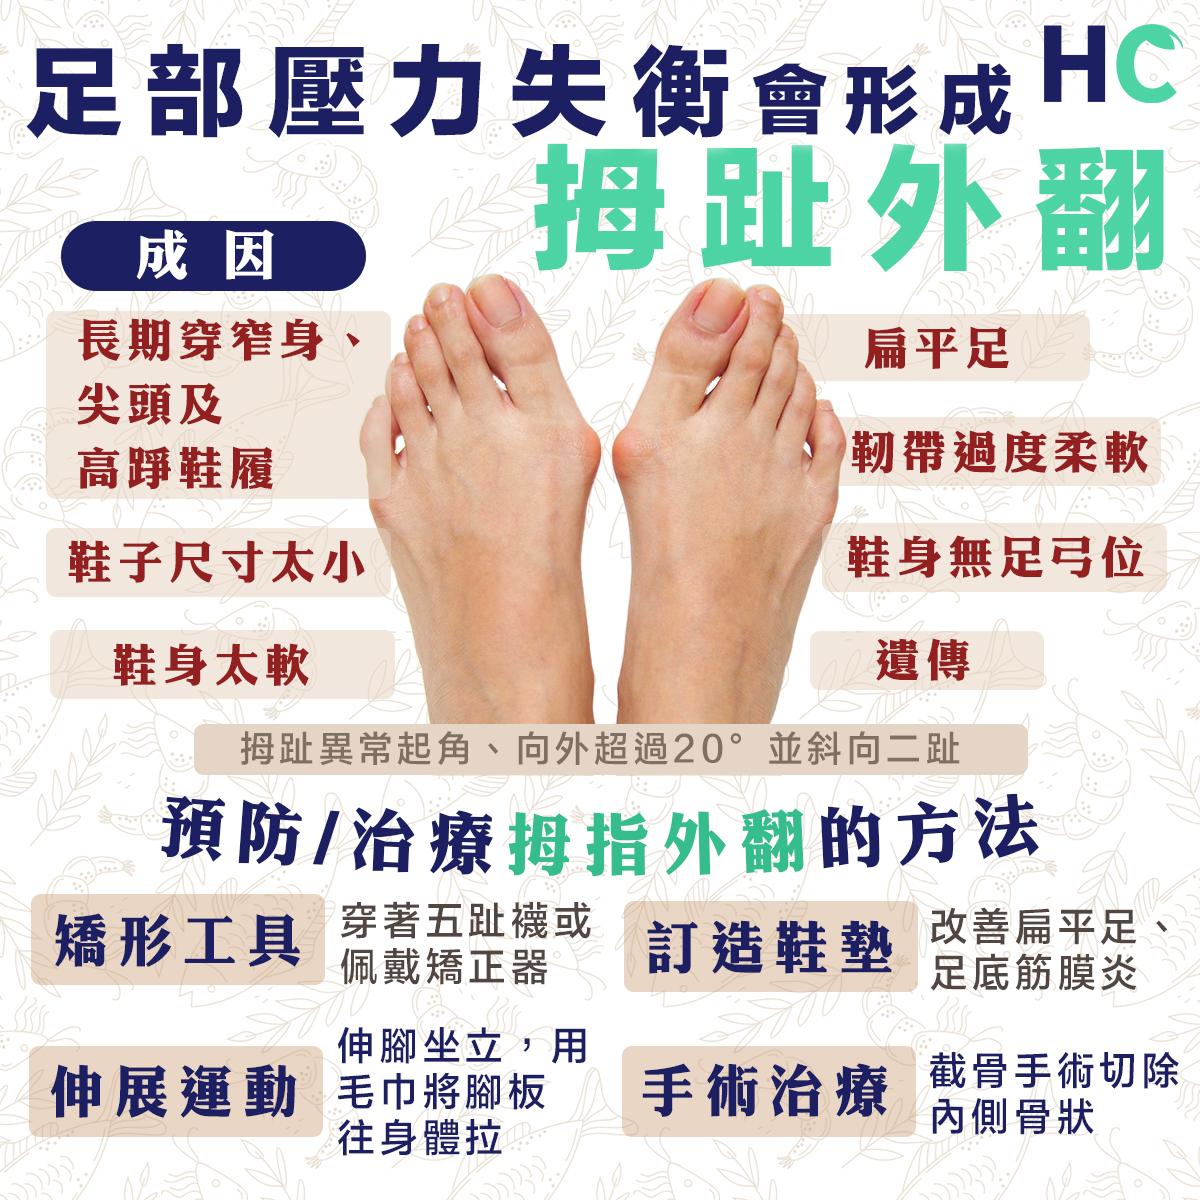 足部壓力失衡造成拇趾外翻 包括著錯鞋、扁平足